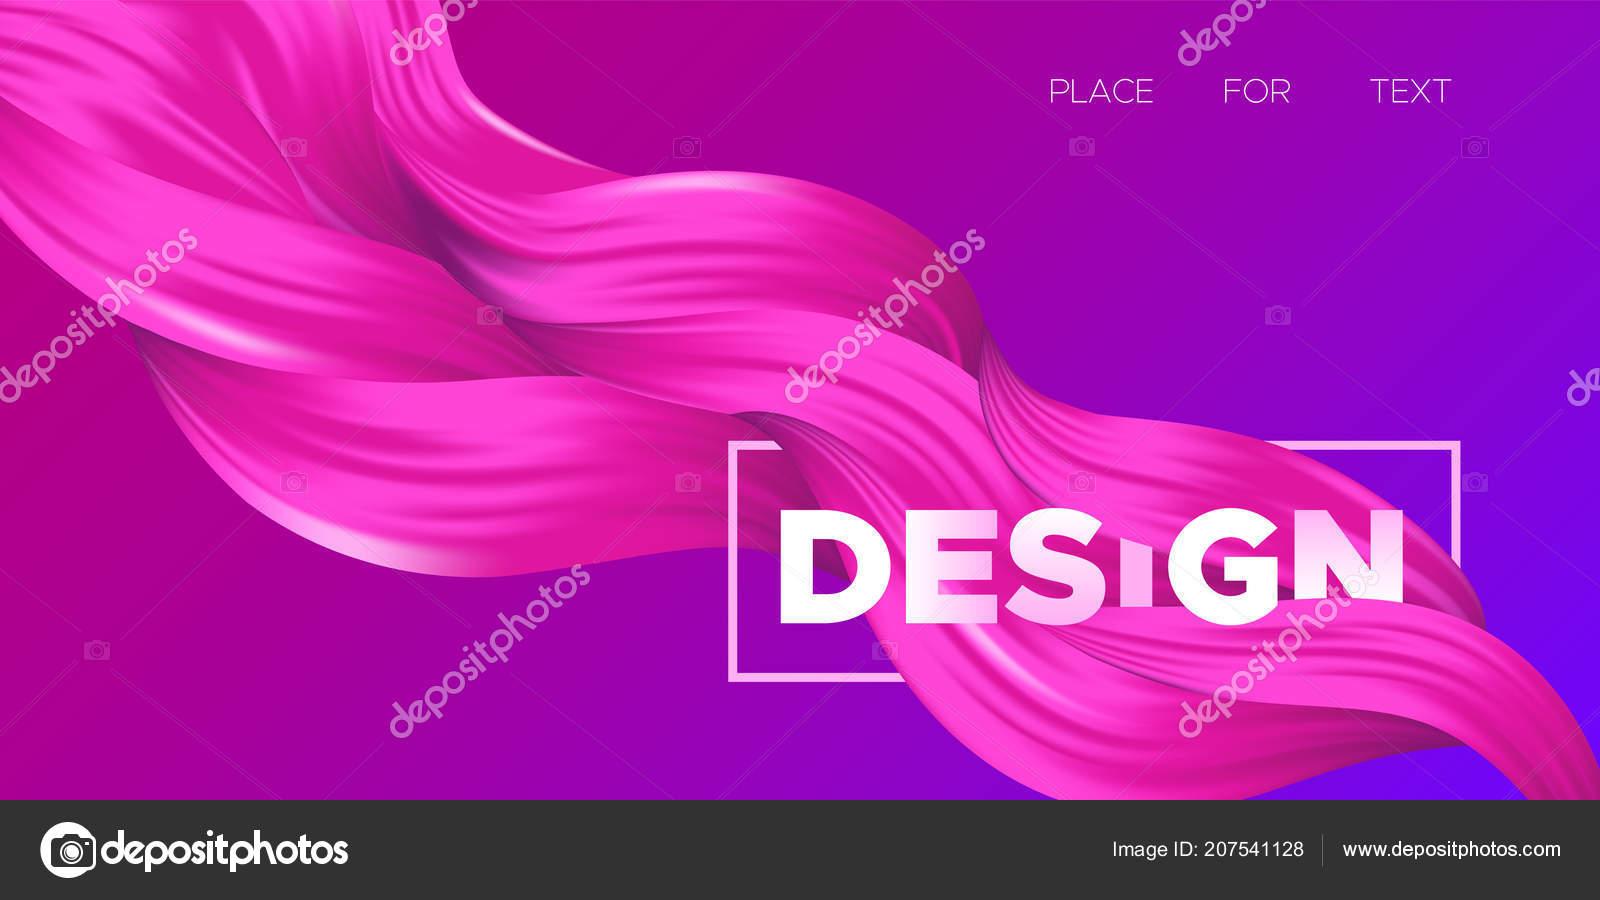 Vector Illustration Eps10 Magnifique Imbrication Fluide De Labstrait Design Art Creatif Couleur Liquide Ondules Pour Carte Visite Bannieres